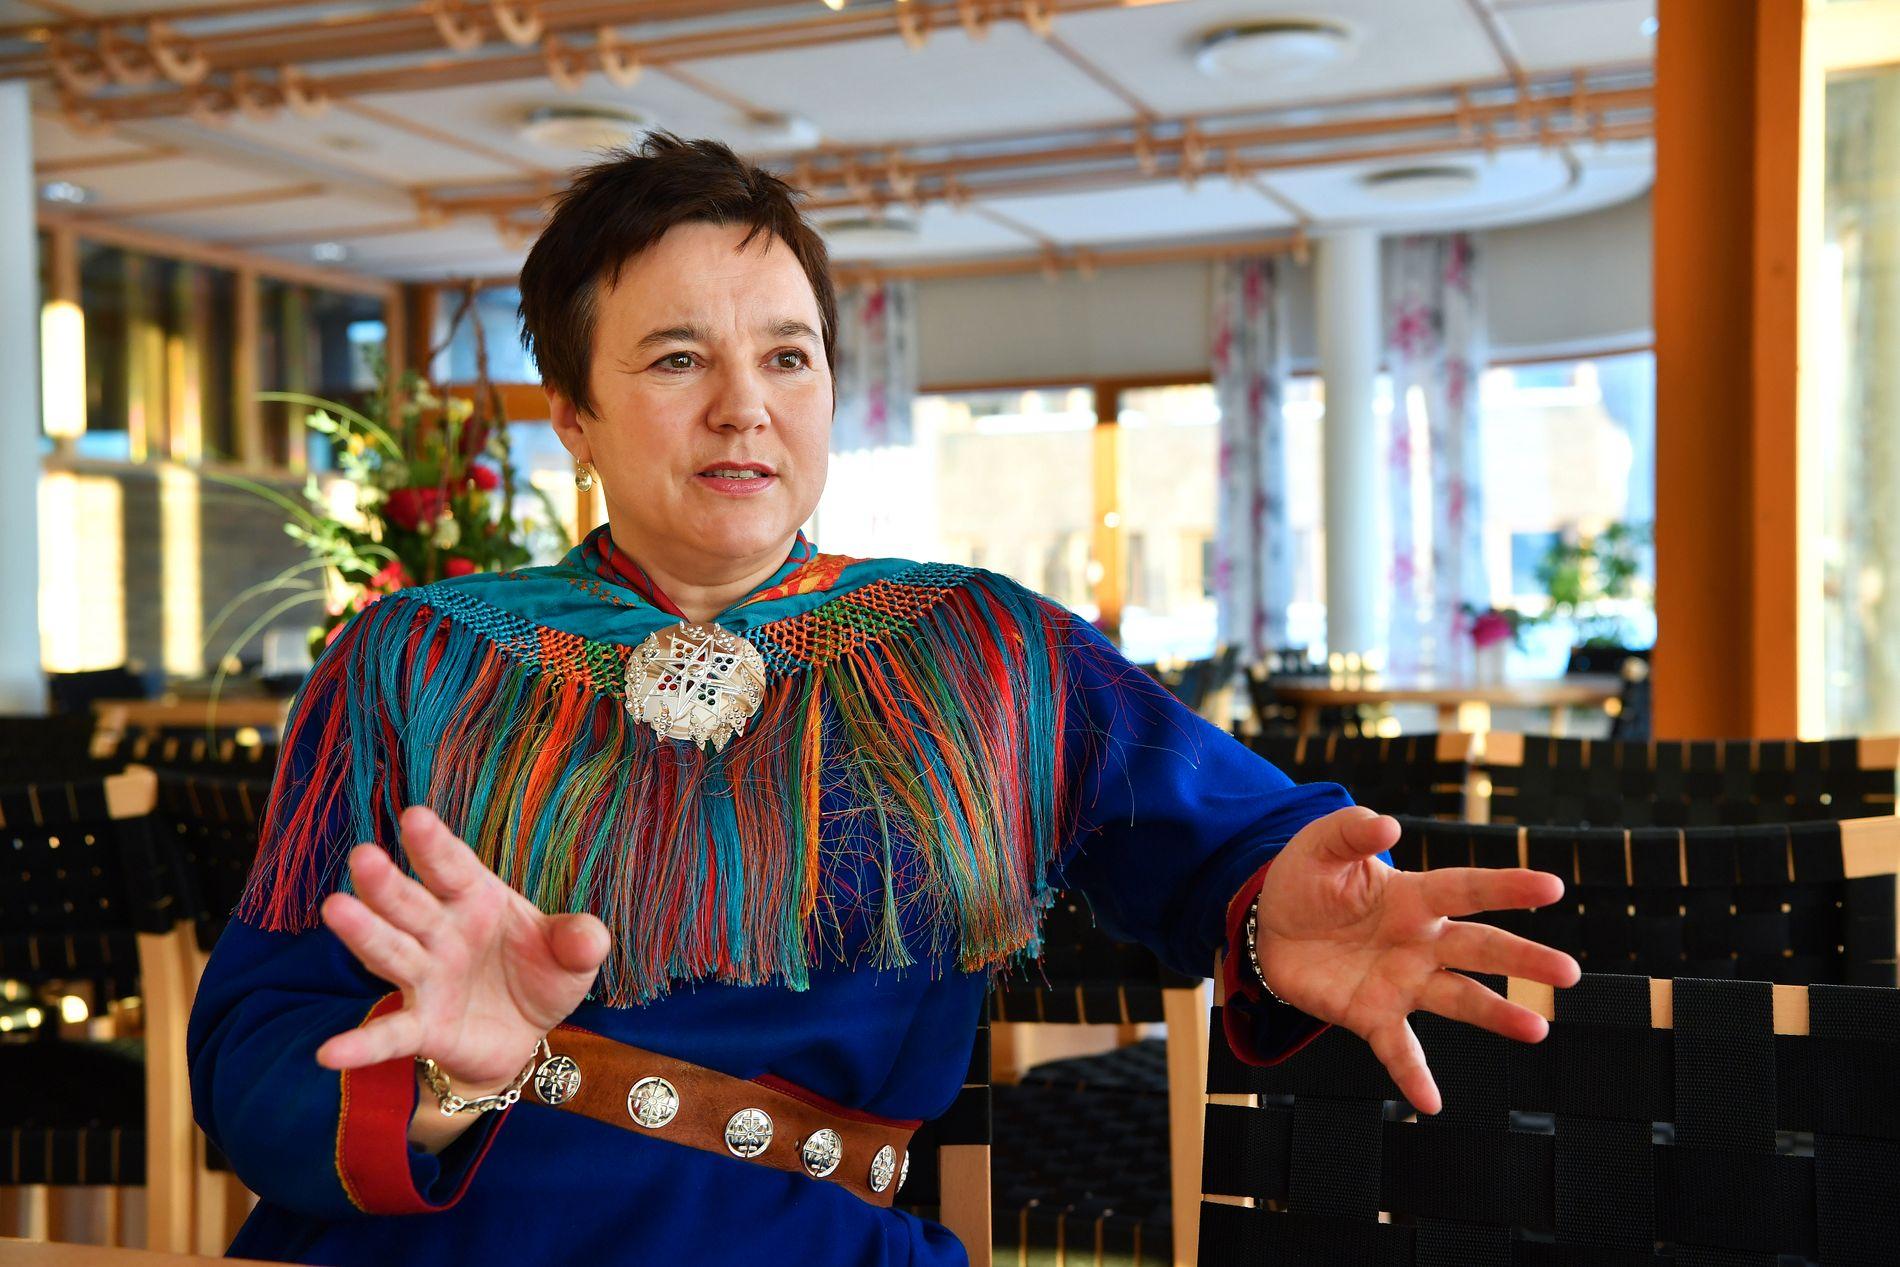 FORANDRET TALEN: Fylkesordfører Ragnhild Vassvik (51) i Finnmark har selv samisk bakgrunn og stilte i kofte på jobben på samenes nasjonaldag. Hun strøk bort samefolkets dag i sitt tale-manus på morgenen.